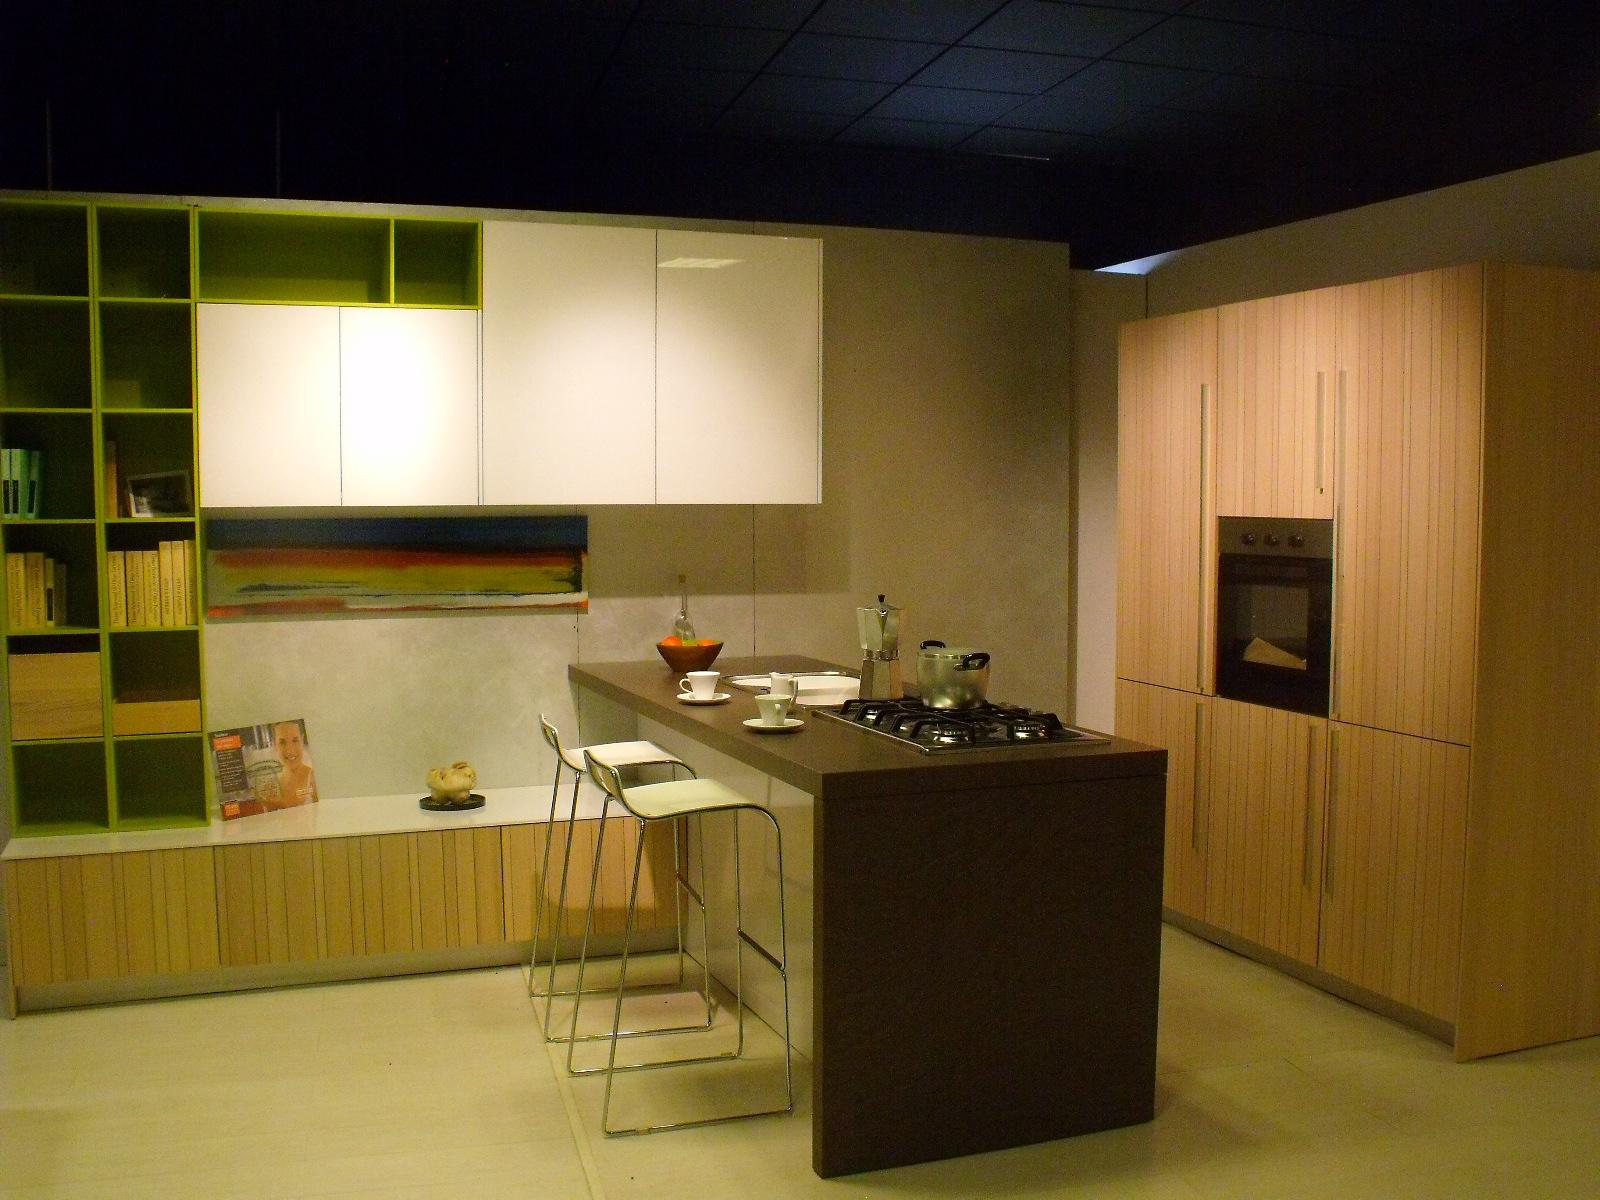 Isola cucina legno creativo - Outlet cucine snaidero ...